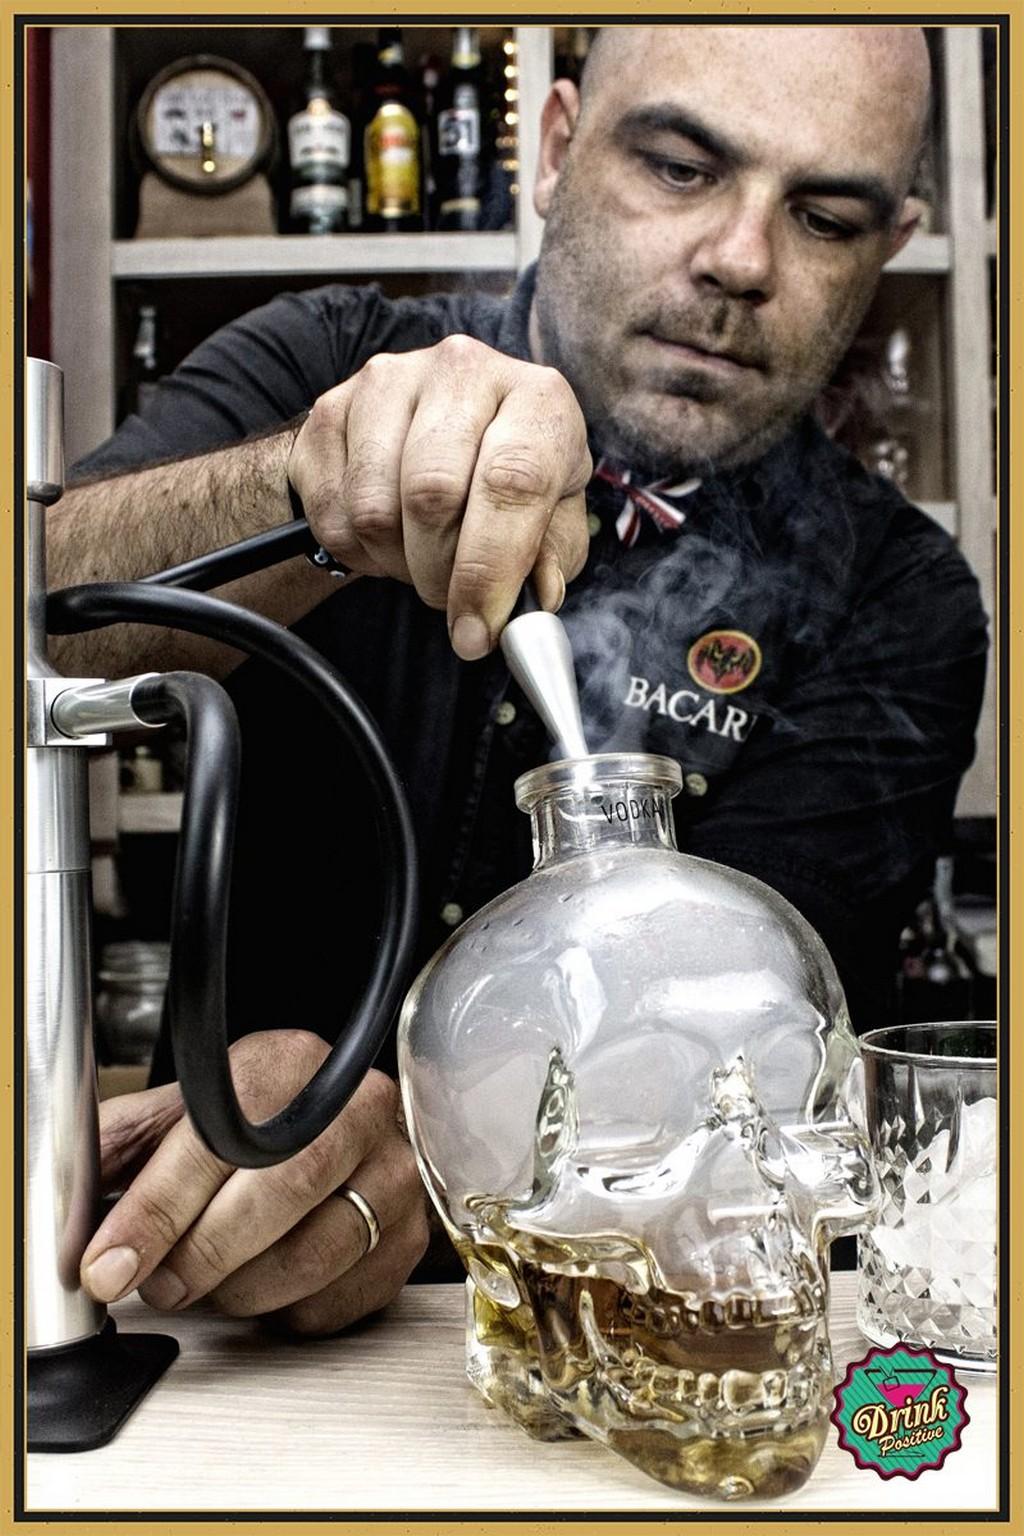 fabio_camboni_Gaeta_Drink_Positive_consulenze__apertura_locali_corsi_barman_120